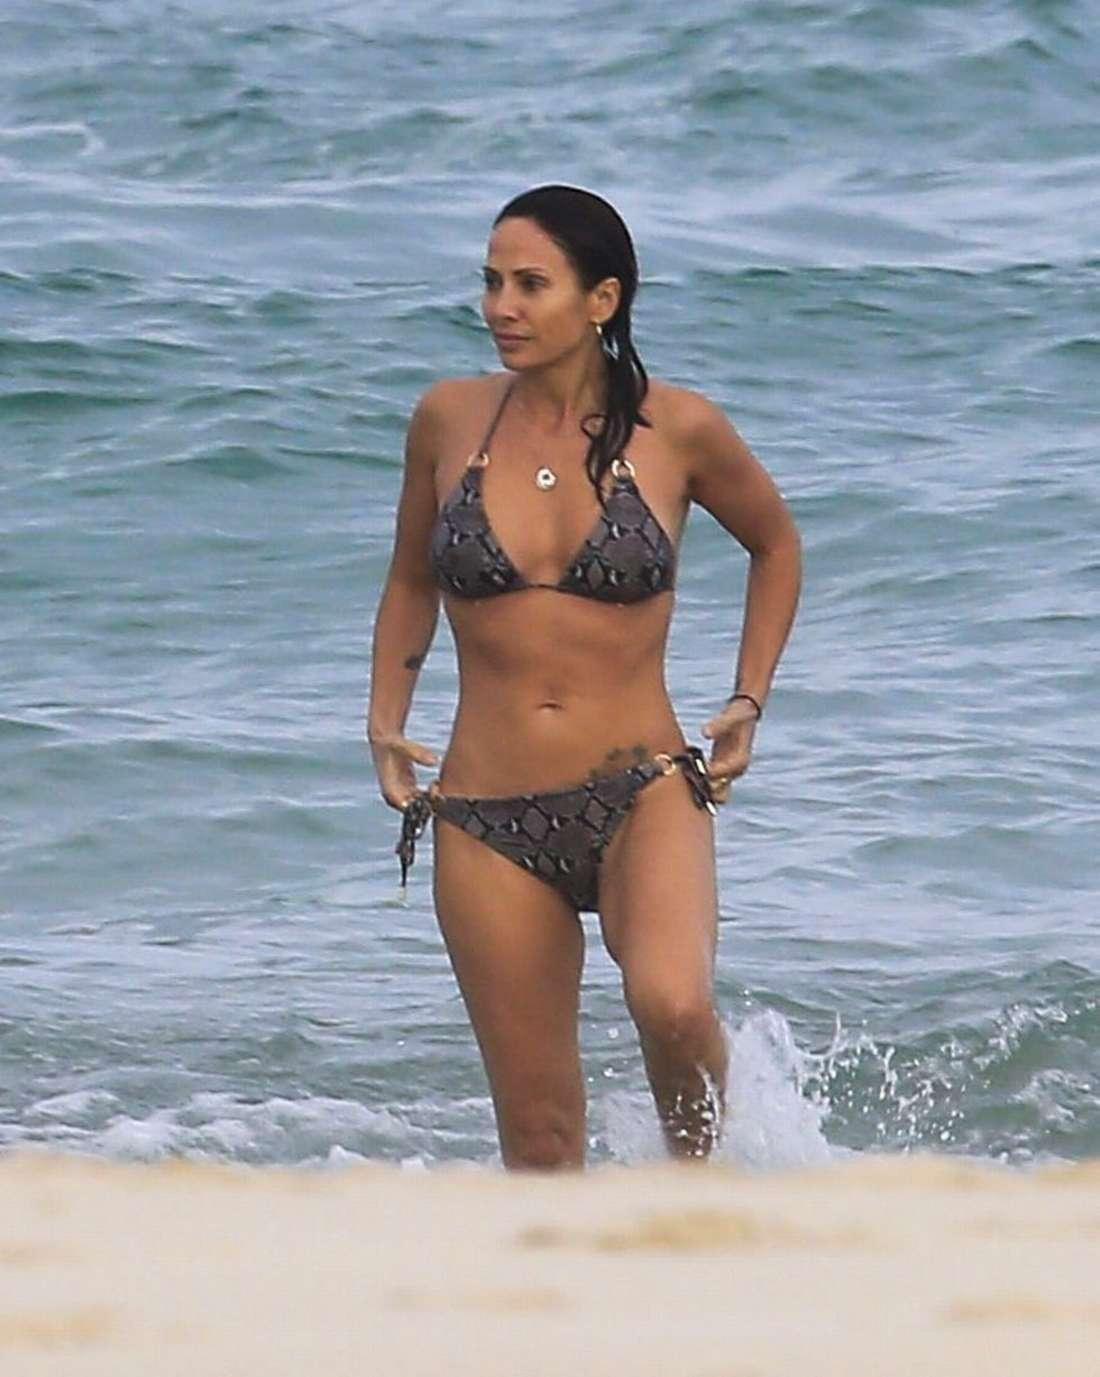 Natalie Imbruglia Wearing a bikini in Byron Bay